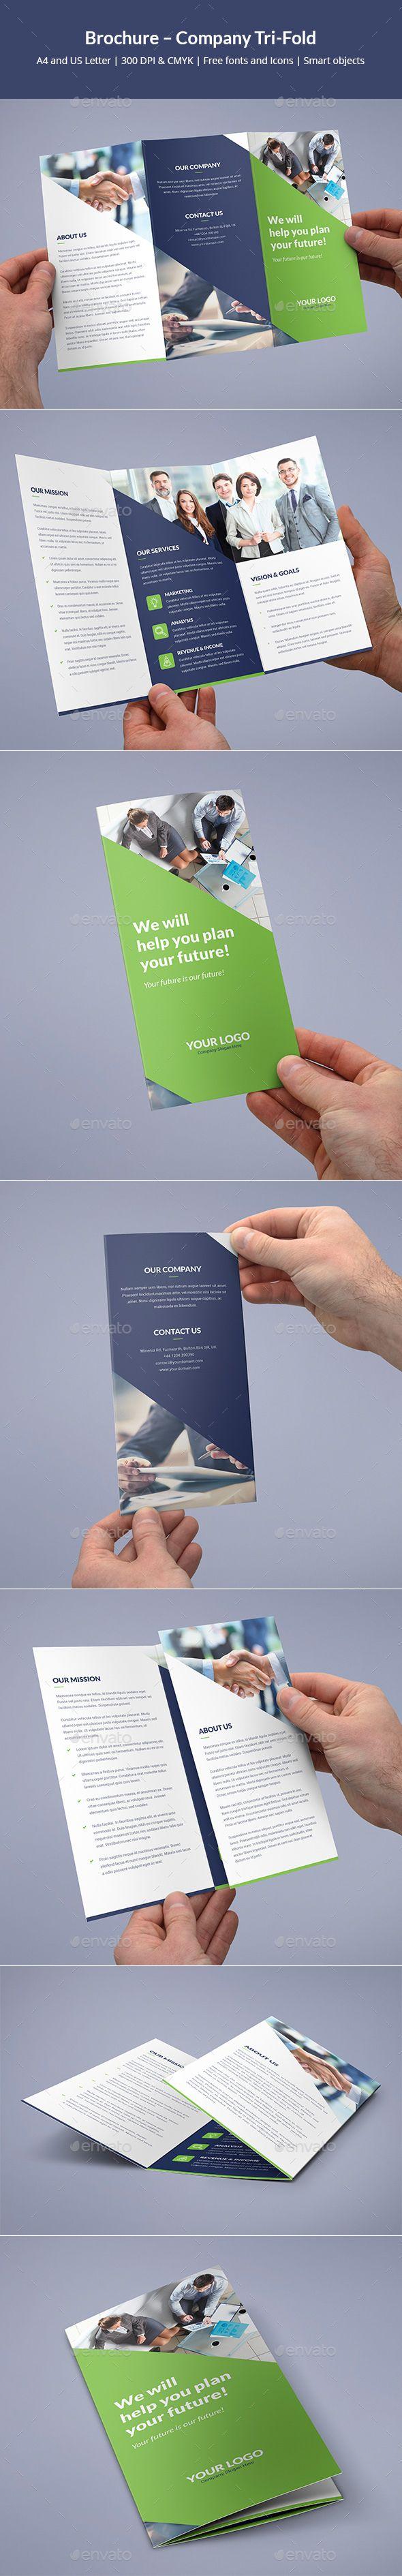 Brochure – Company Tri-Fold | Mediengestalter, Leporello und ...